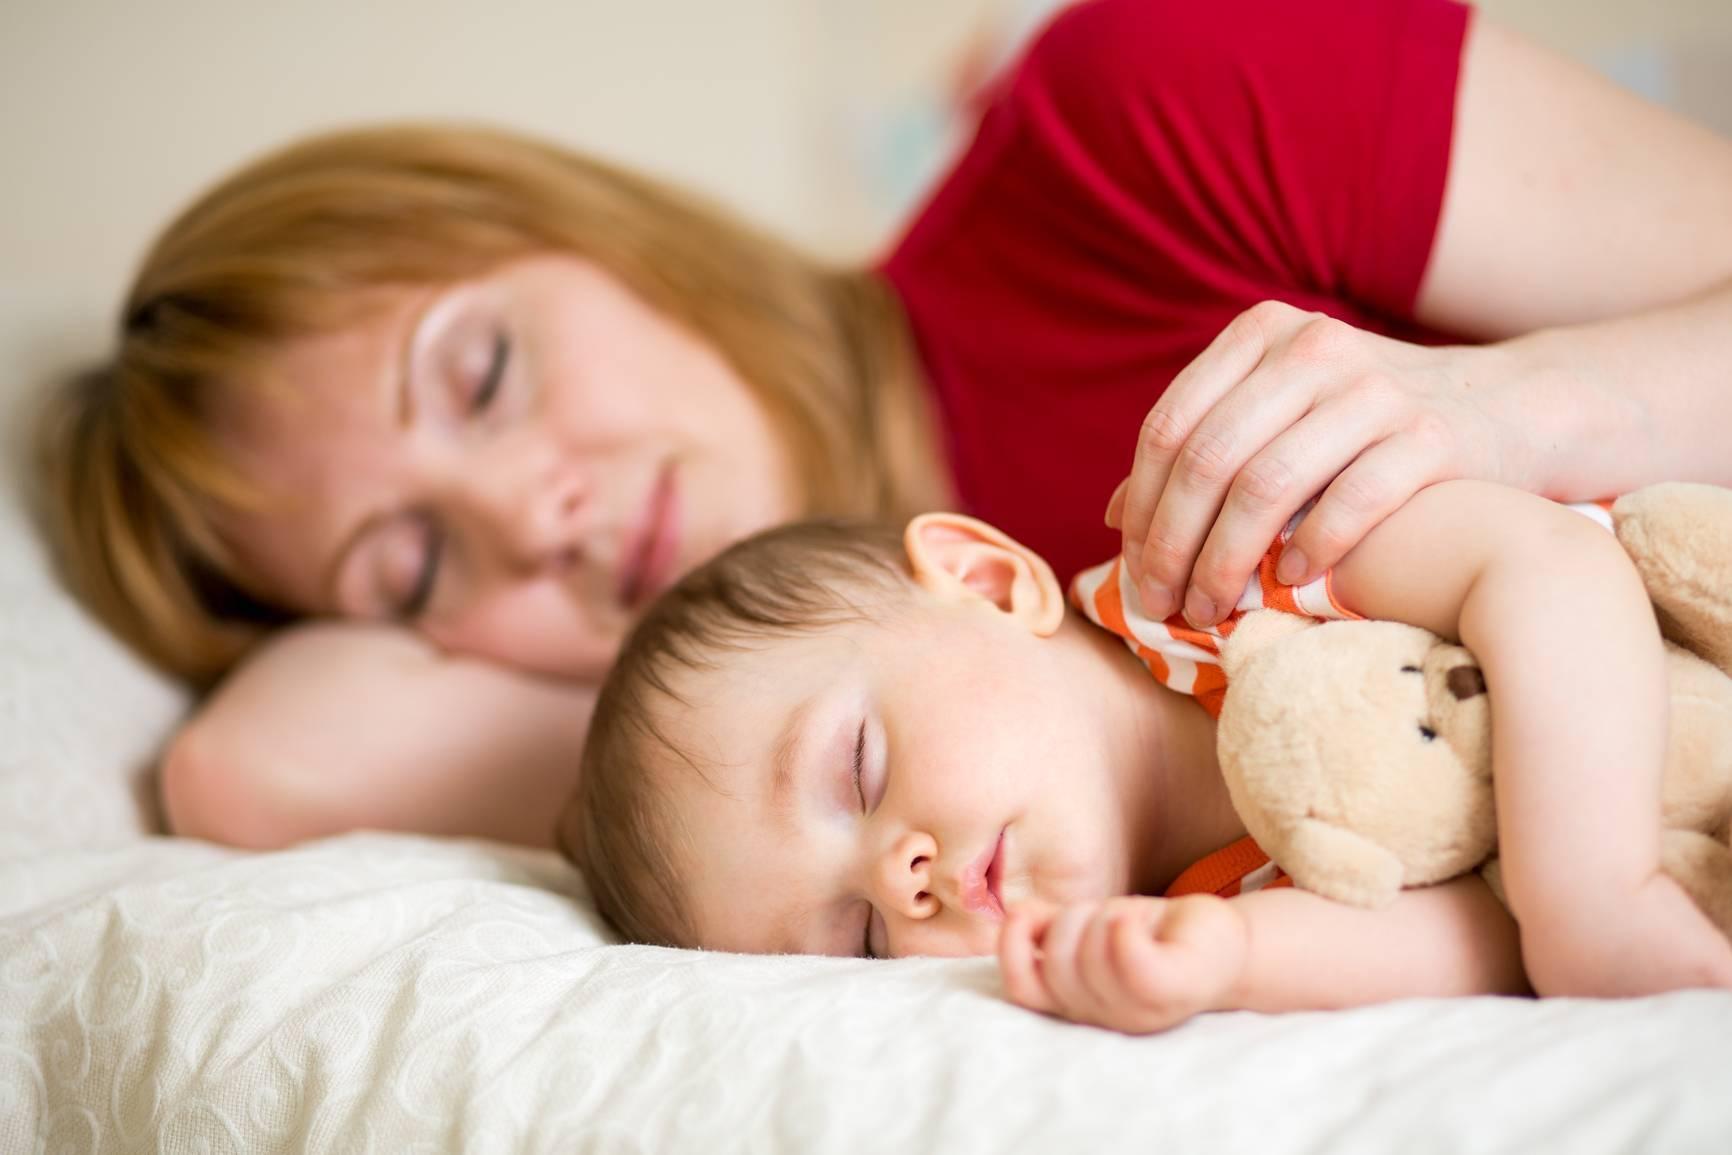 Совместный сон с ребенком - польза или вред?